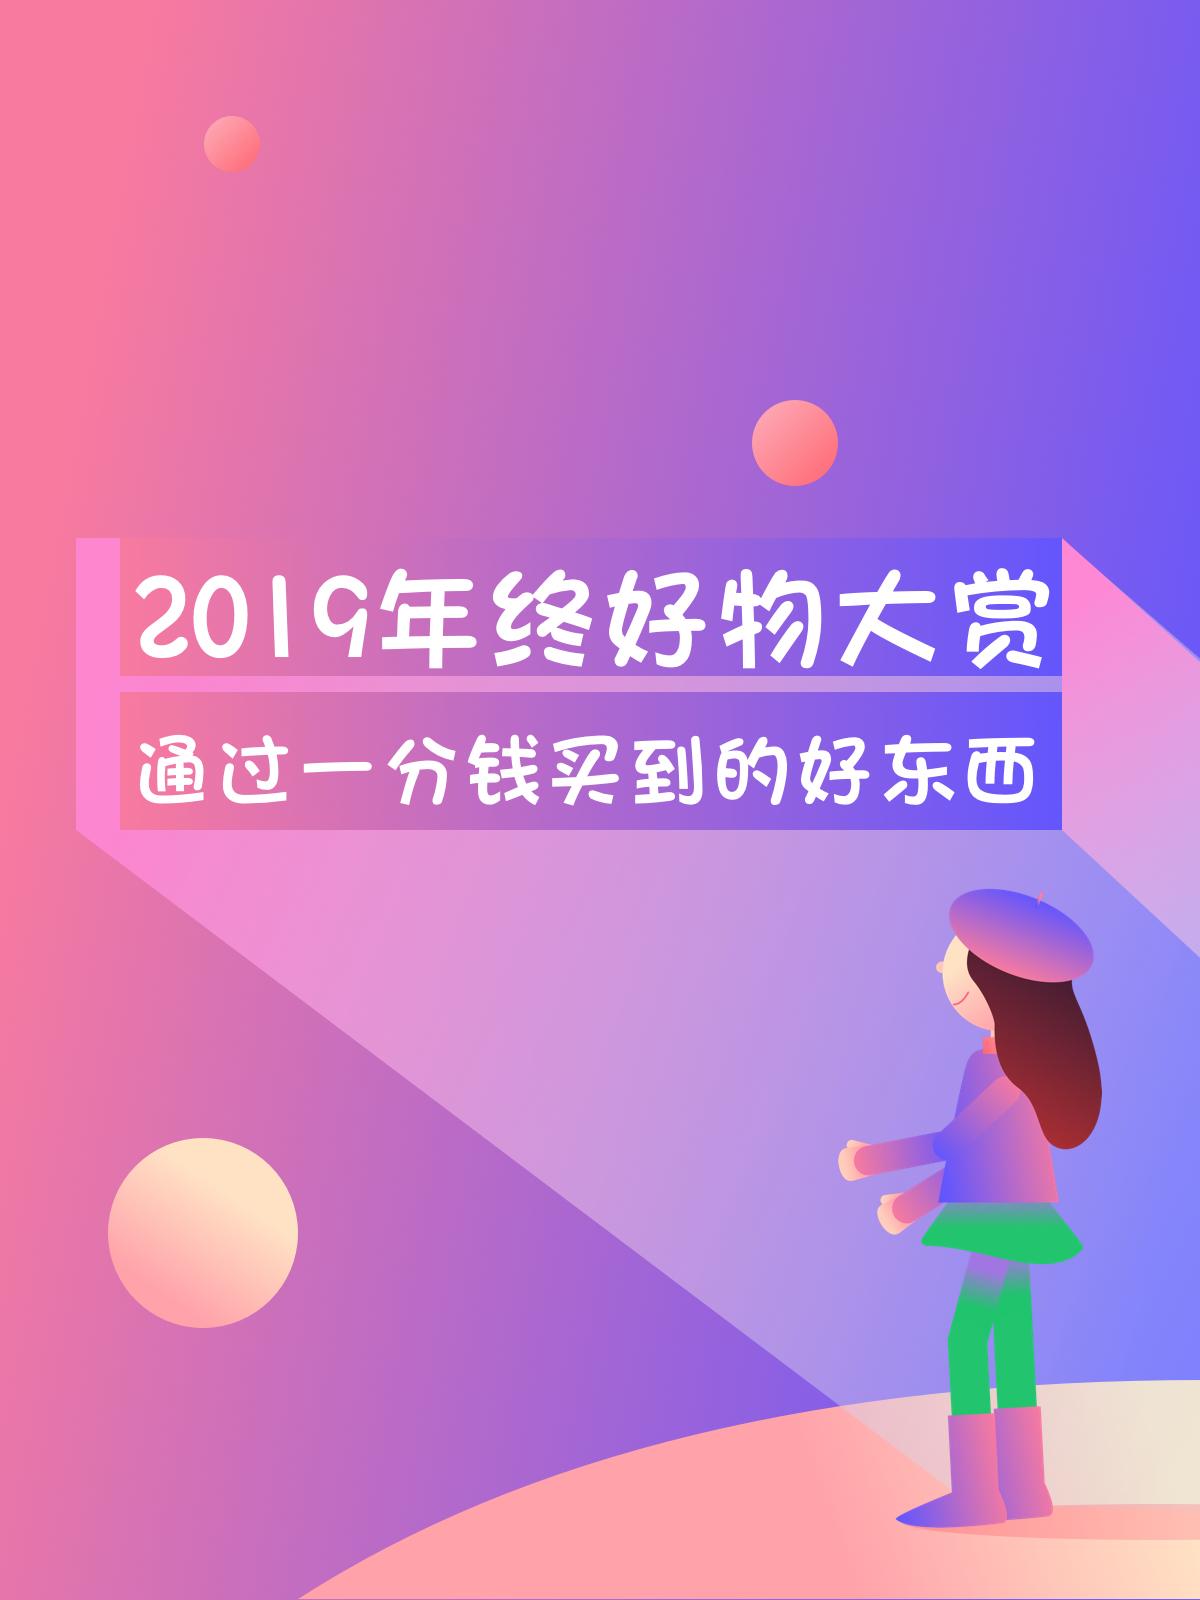 2019年终好物大赏